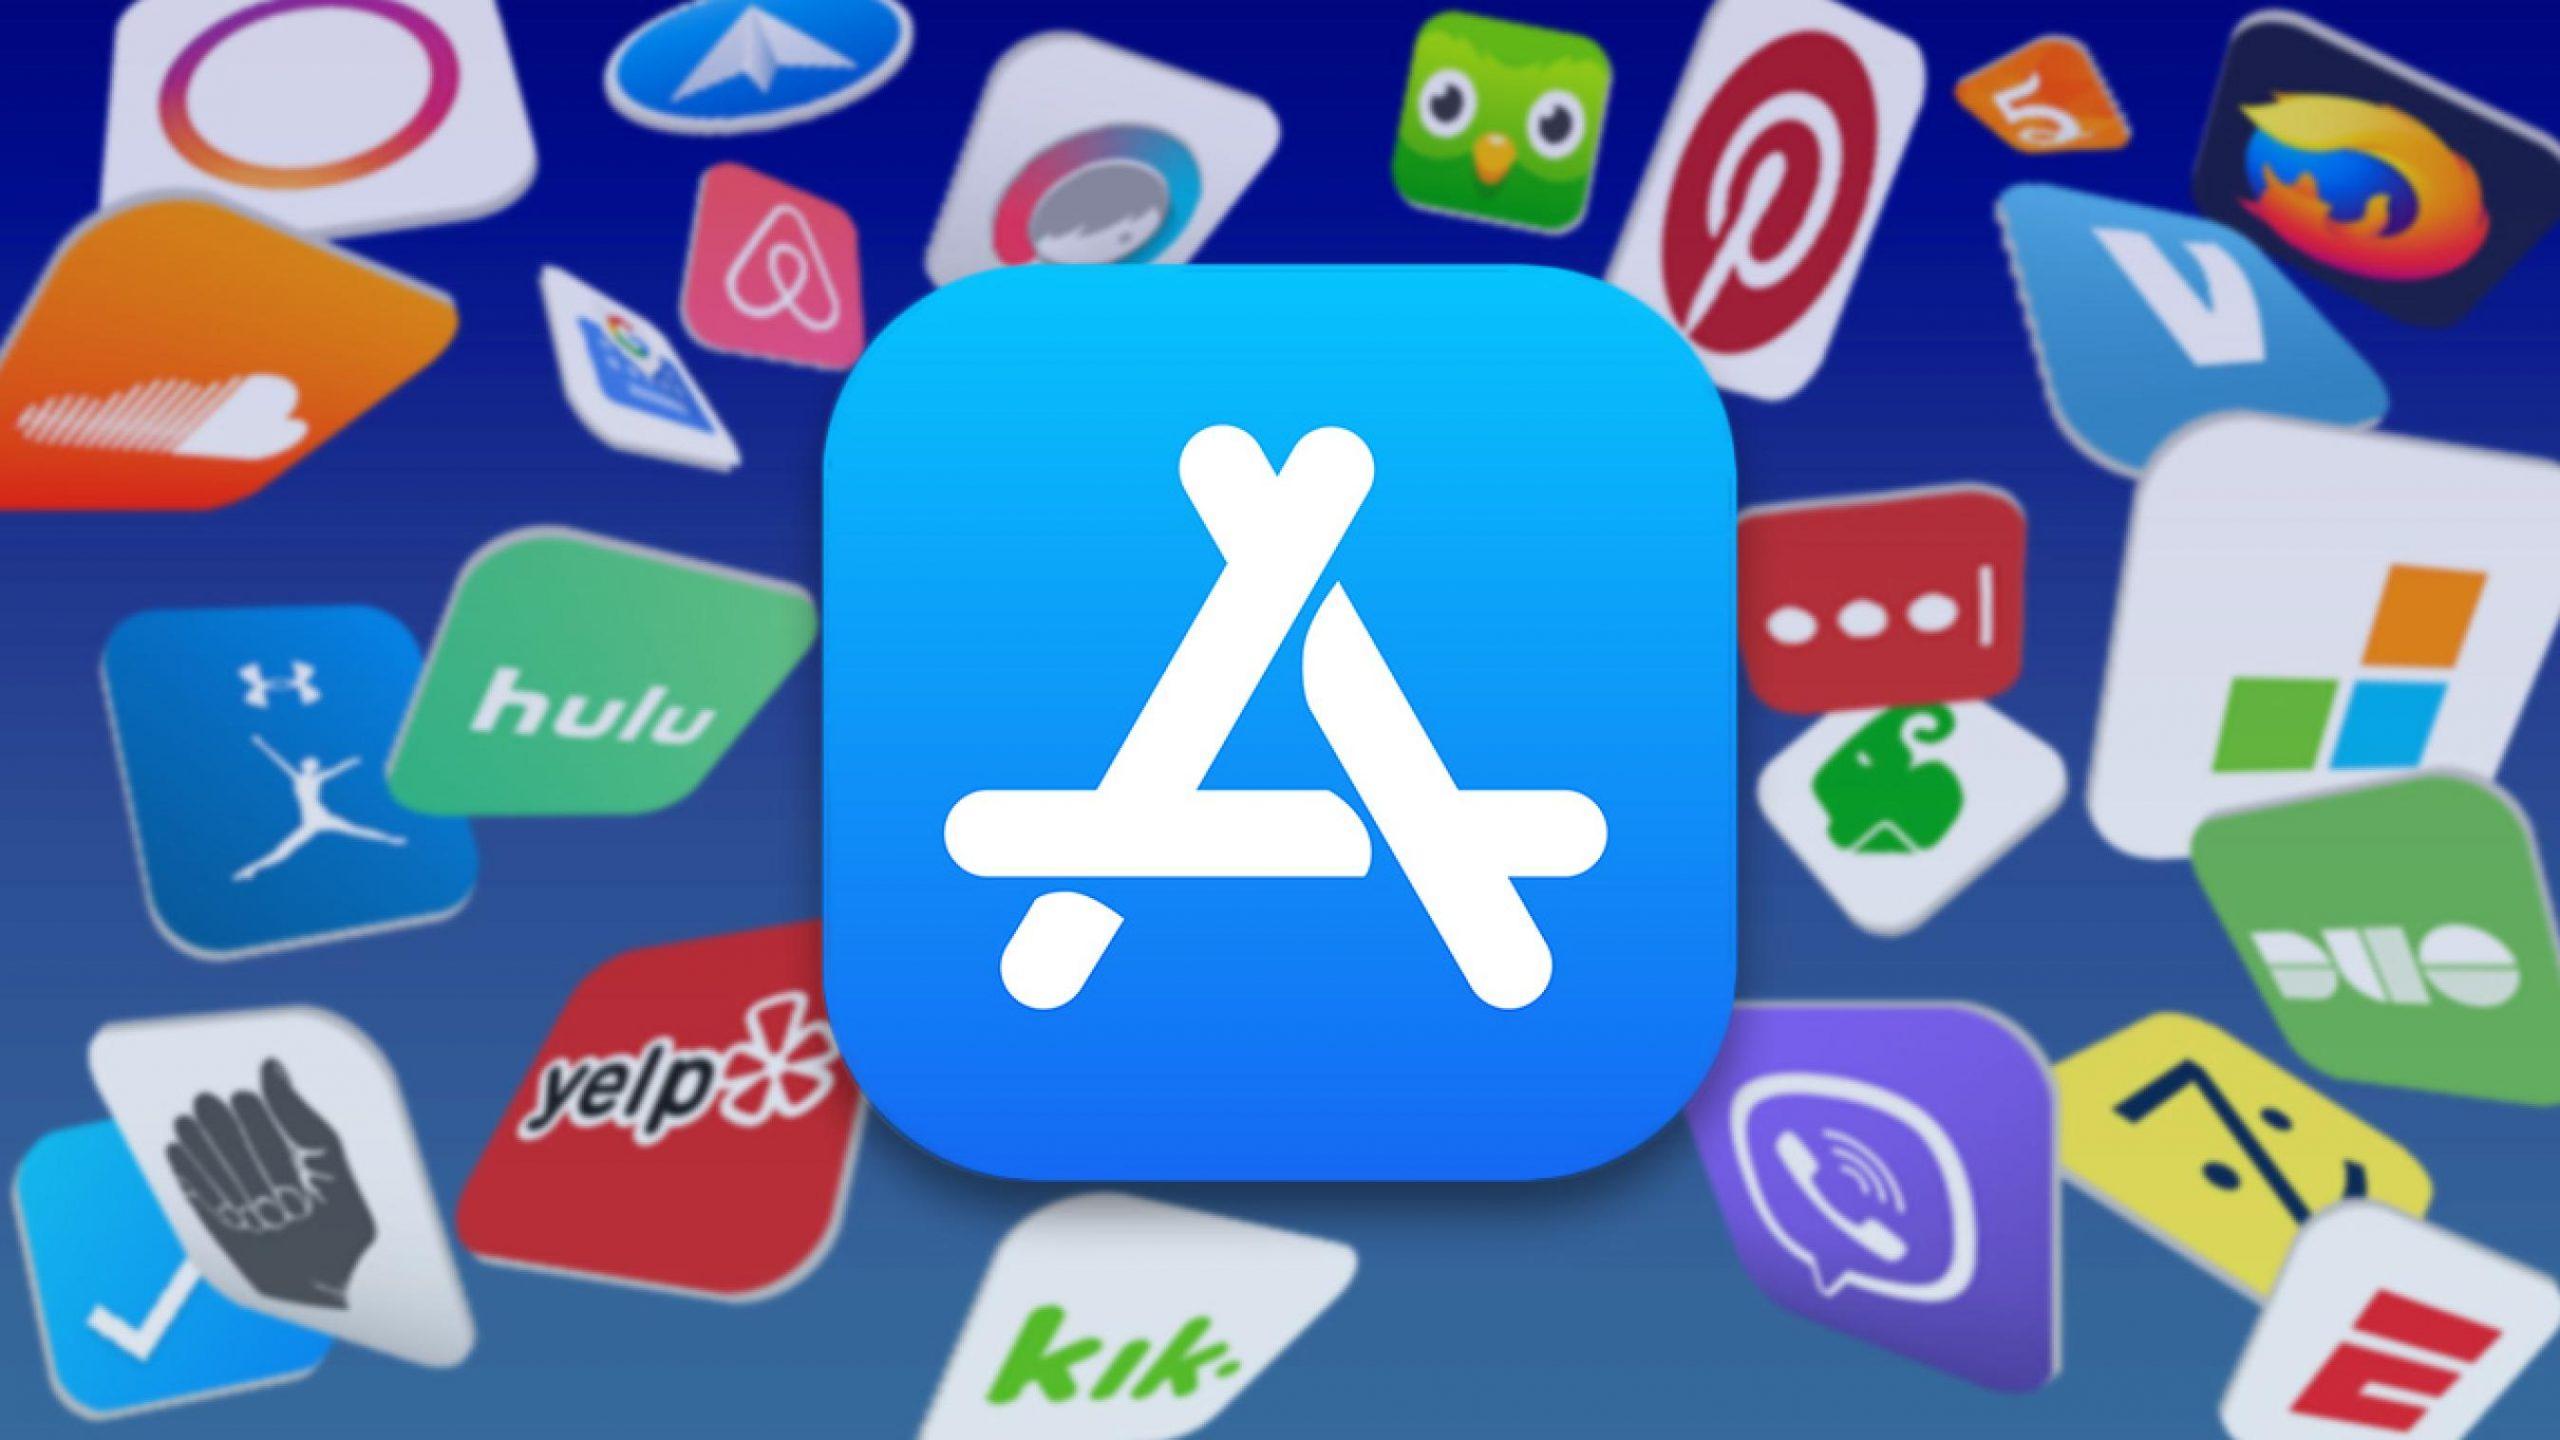 روکیدا | تاریخ انتشار iOS 15 و ویژگیهای احتمالی آن |